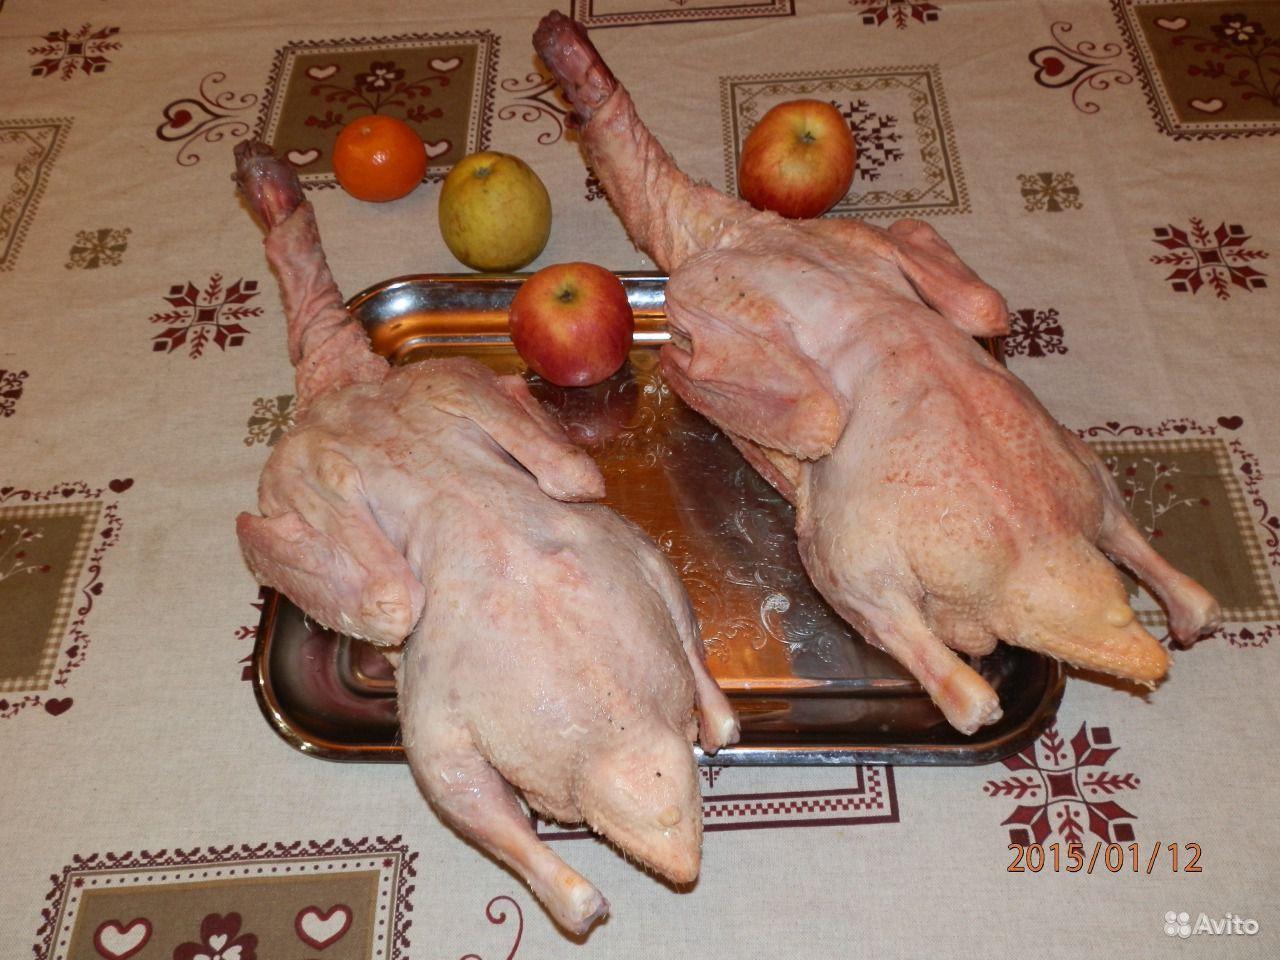 Клюв курицы: как подрезать клюв курице? 48